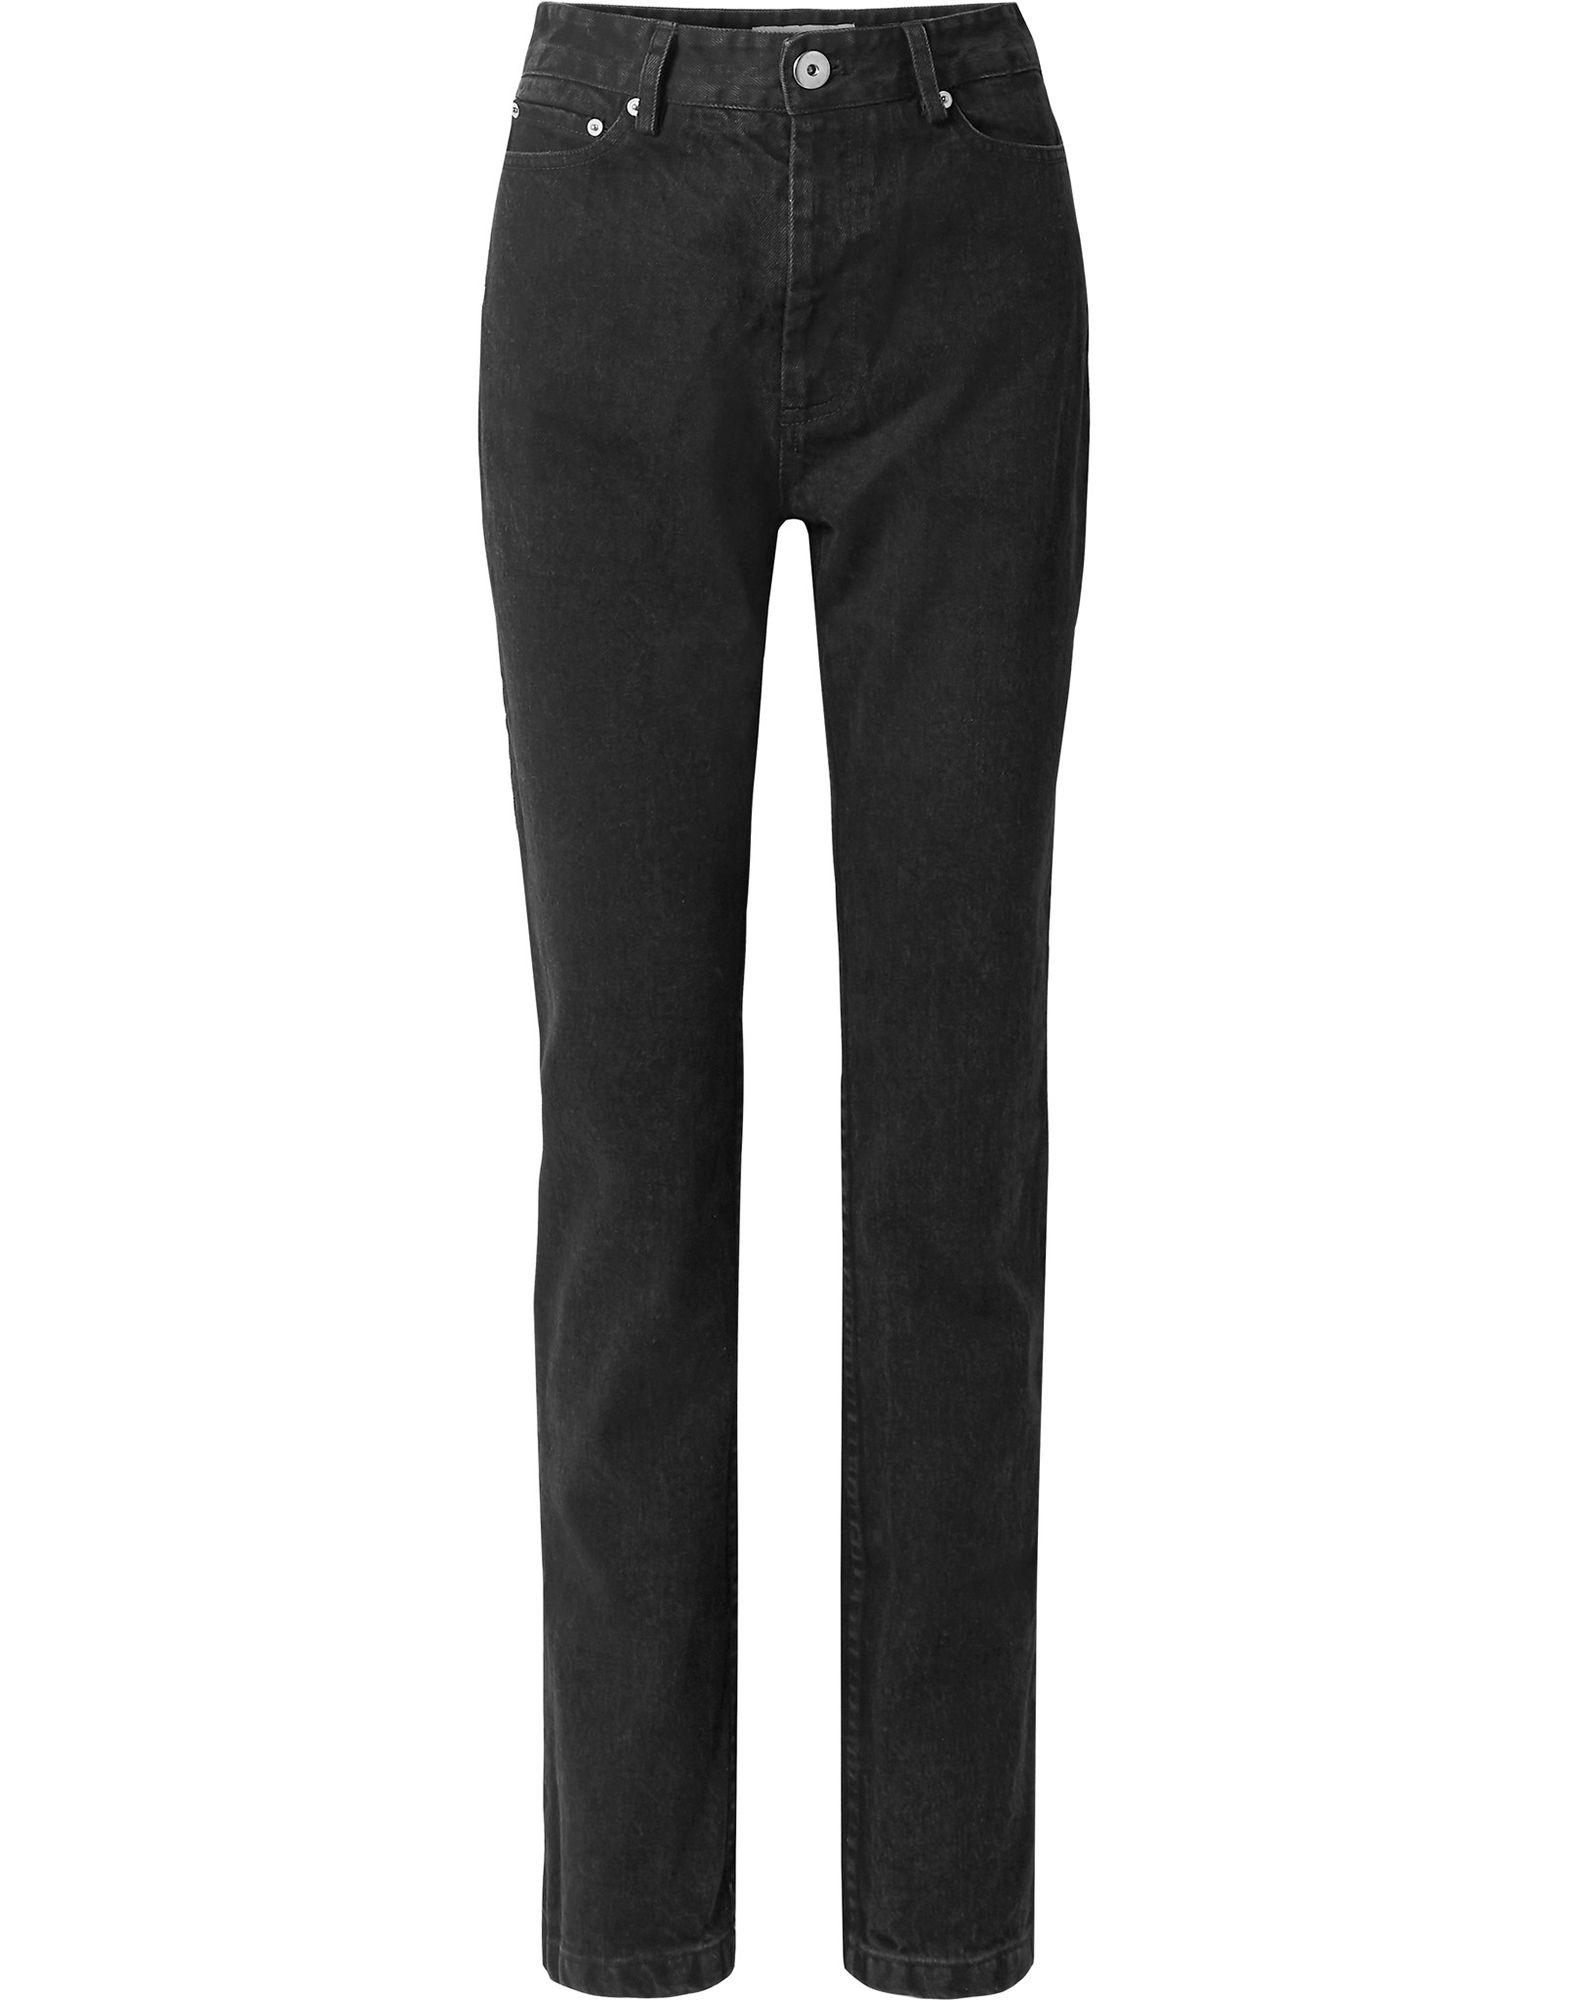 MATTHEW ADAMS DOLAN Джинсовые брюки matthew adams dolan джинсовые брюки